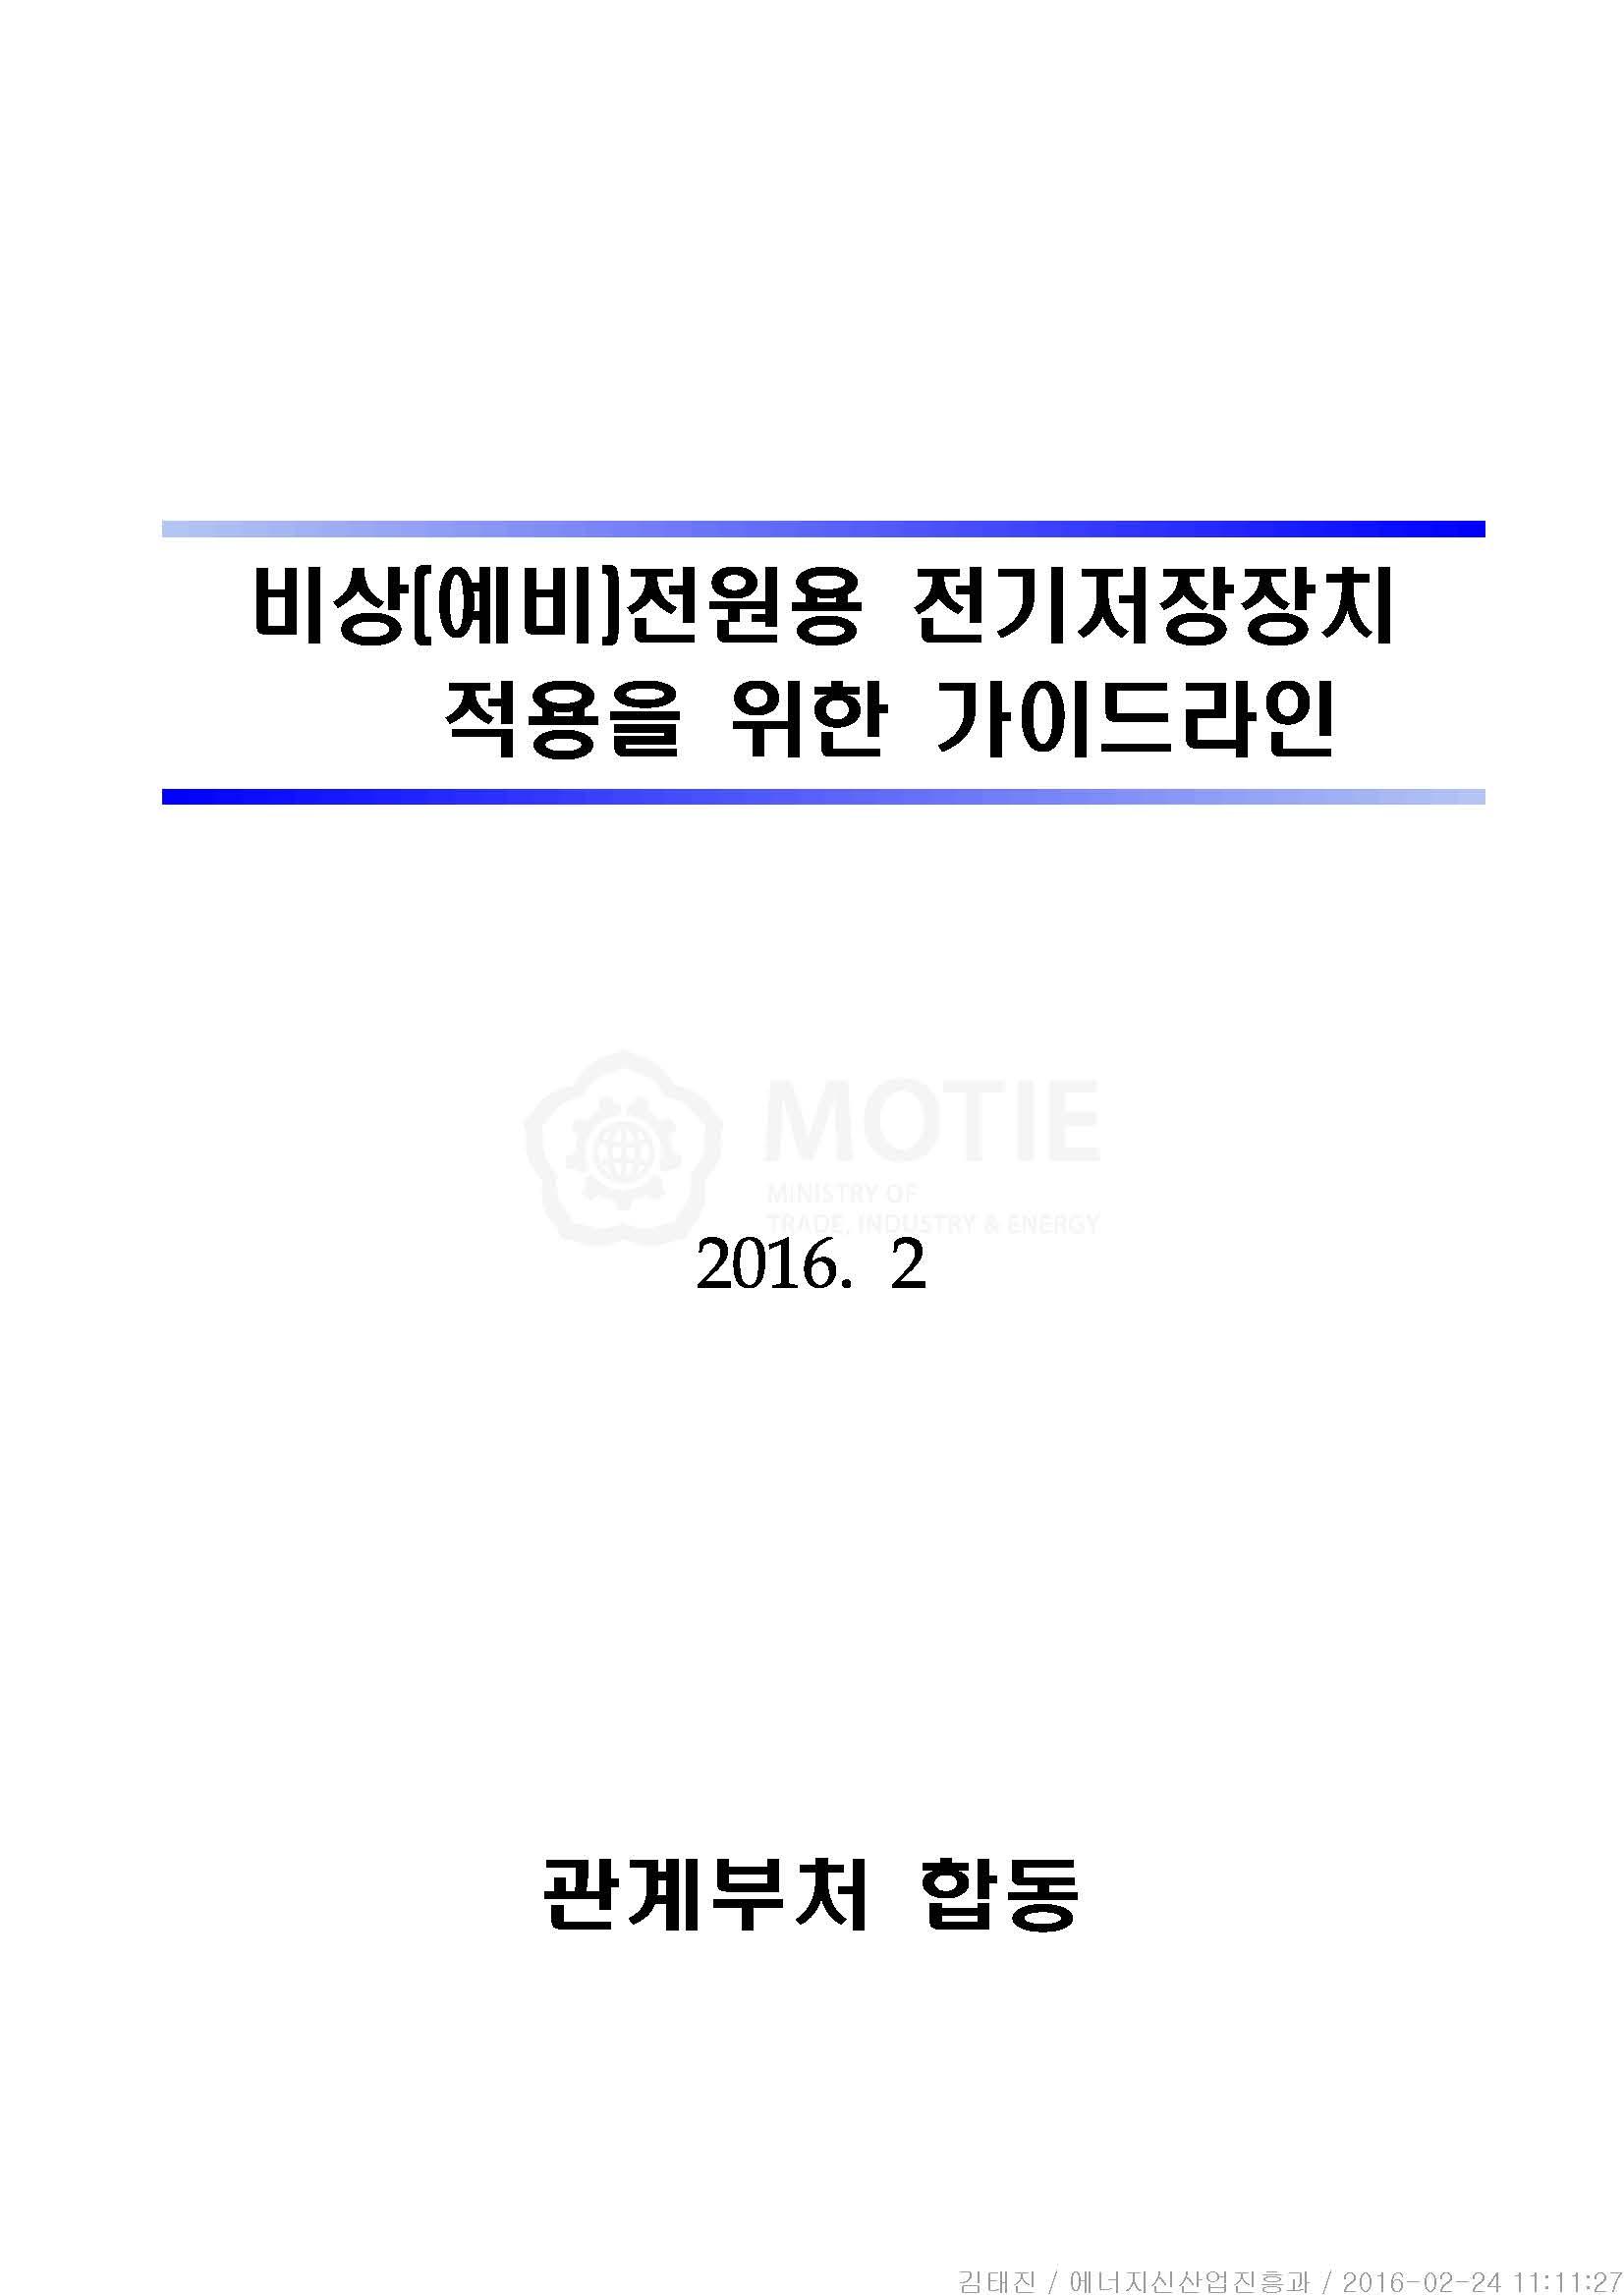 0224 (참고자료) 에너지신산업진흥과, 가이드라인 발표(붙임)_페이지_01.jpg